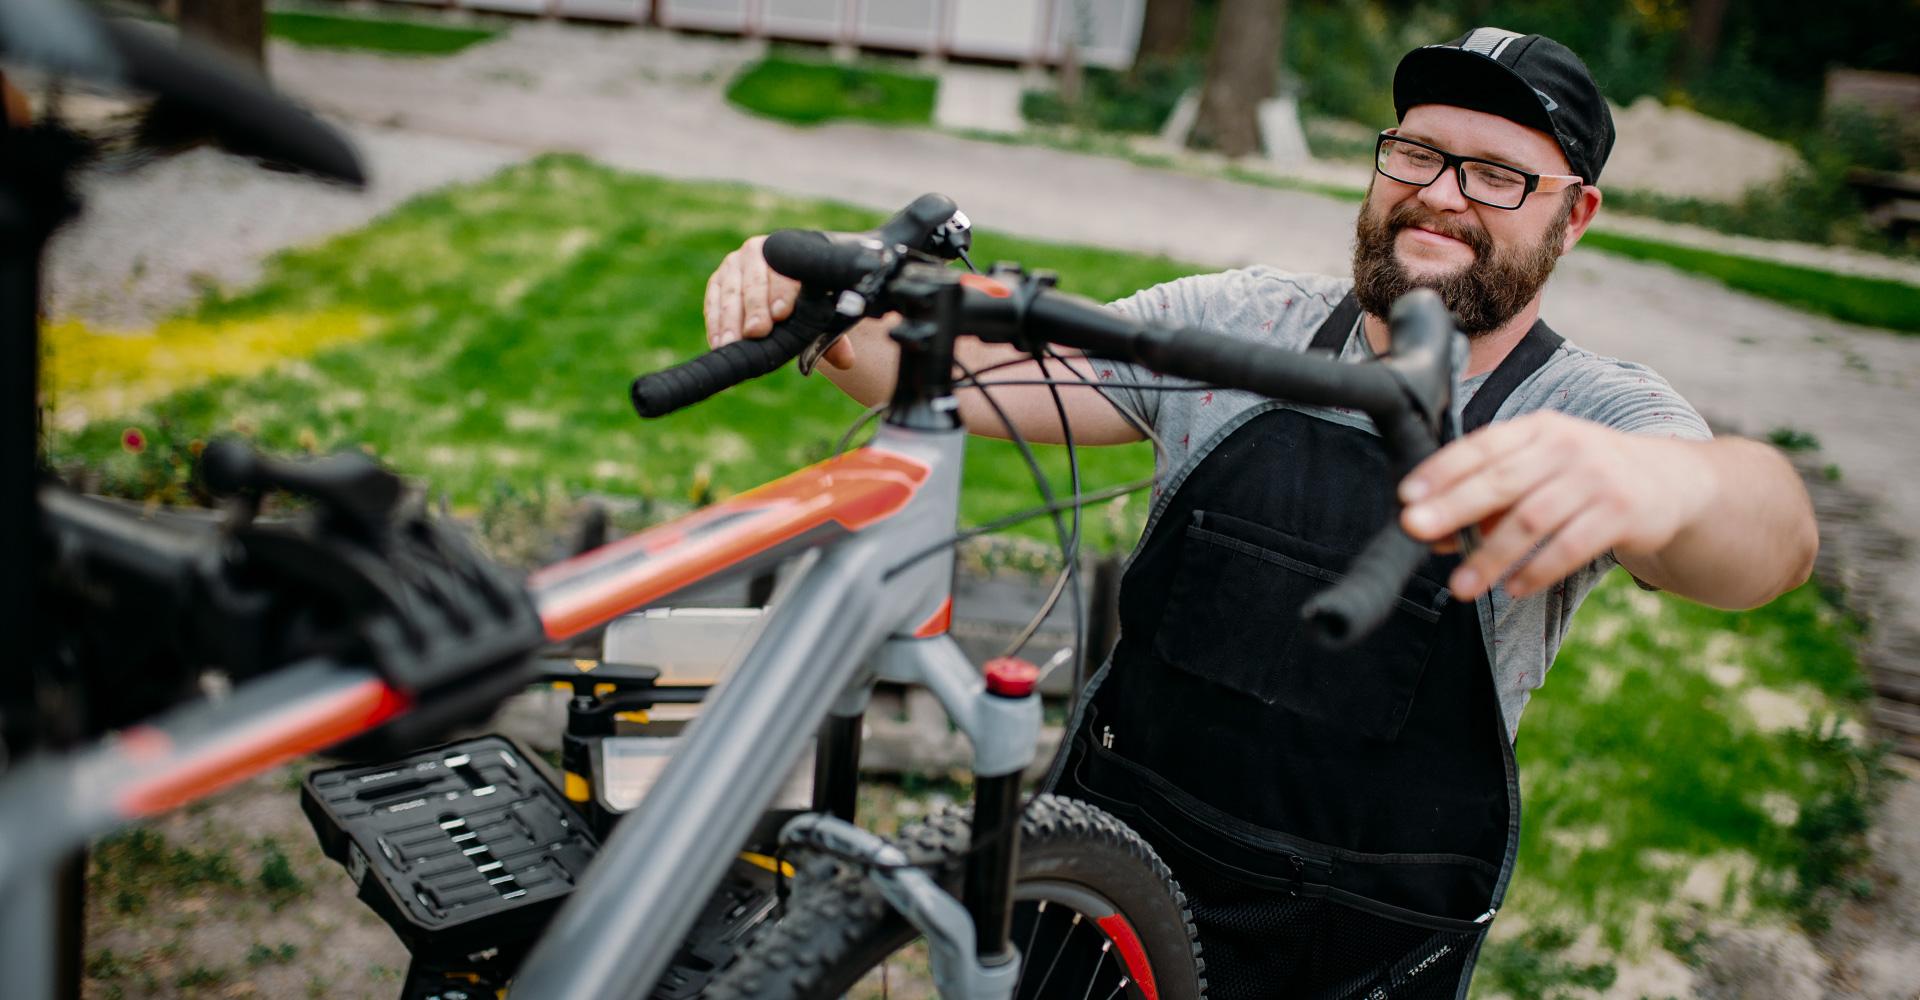 Uw fiets onderhouden, dat doet u zo!